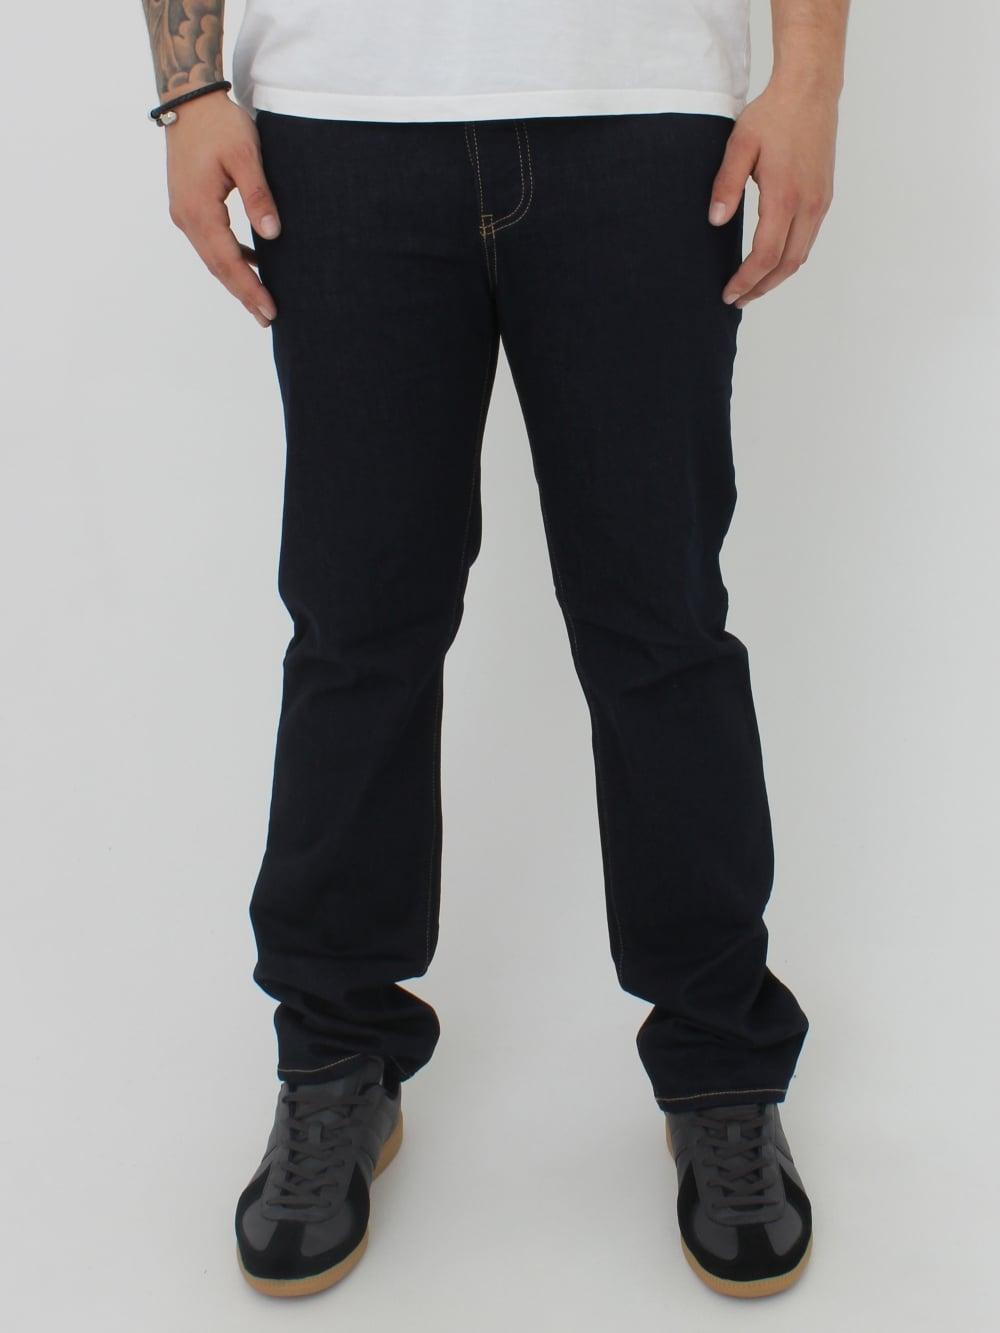 3eb0b0593c0b Armani Jeans J21 Regular Fit Jeans in Dark Denim - Northern Threads